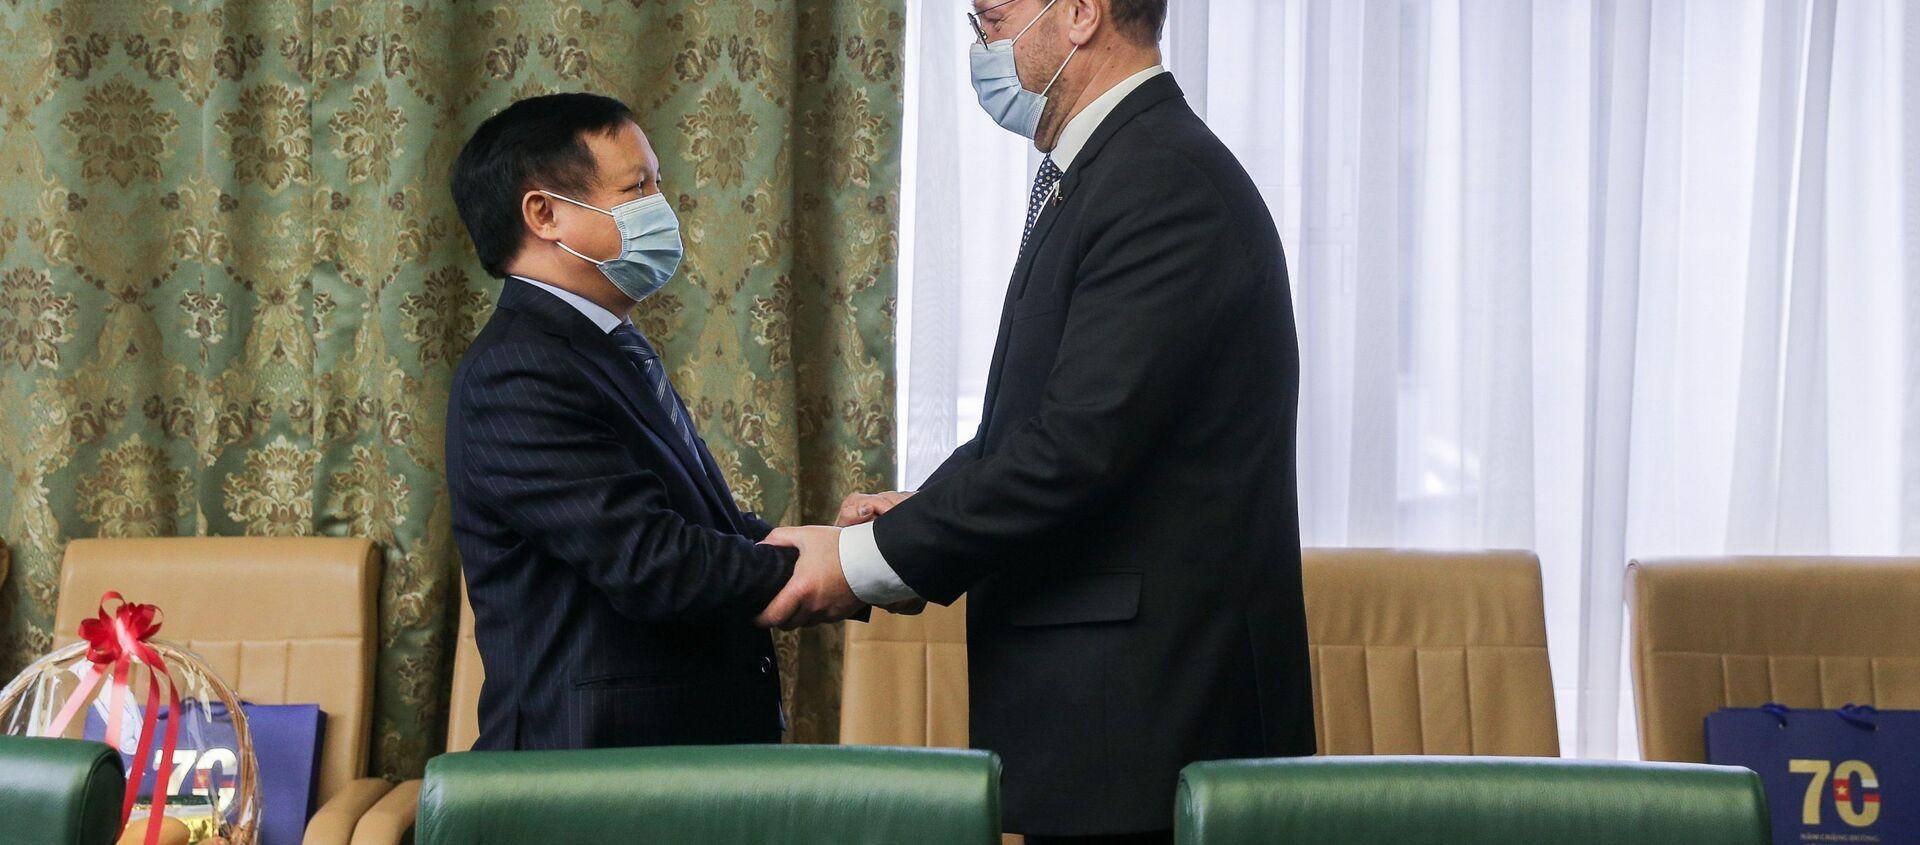 Cuộc gặp giữa Phó Chủ tịch Hội đồng Liên bang Konstantin Kosachev với Đại sứ đặc mệnh toàn quyền nước CHXHCN Việt Nam tại Liên bang Nga Ngô Đức Mạnh. - Sputnik Việt Nam, 1920, 22.03.2021